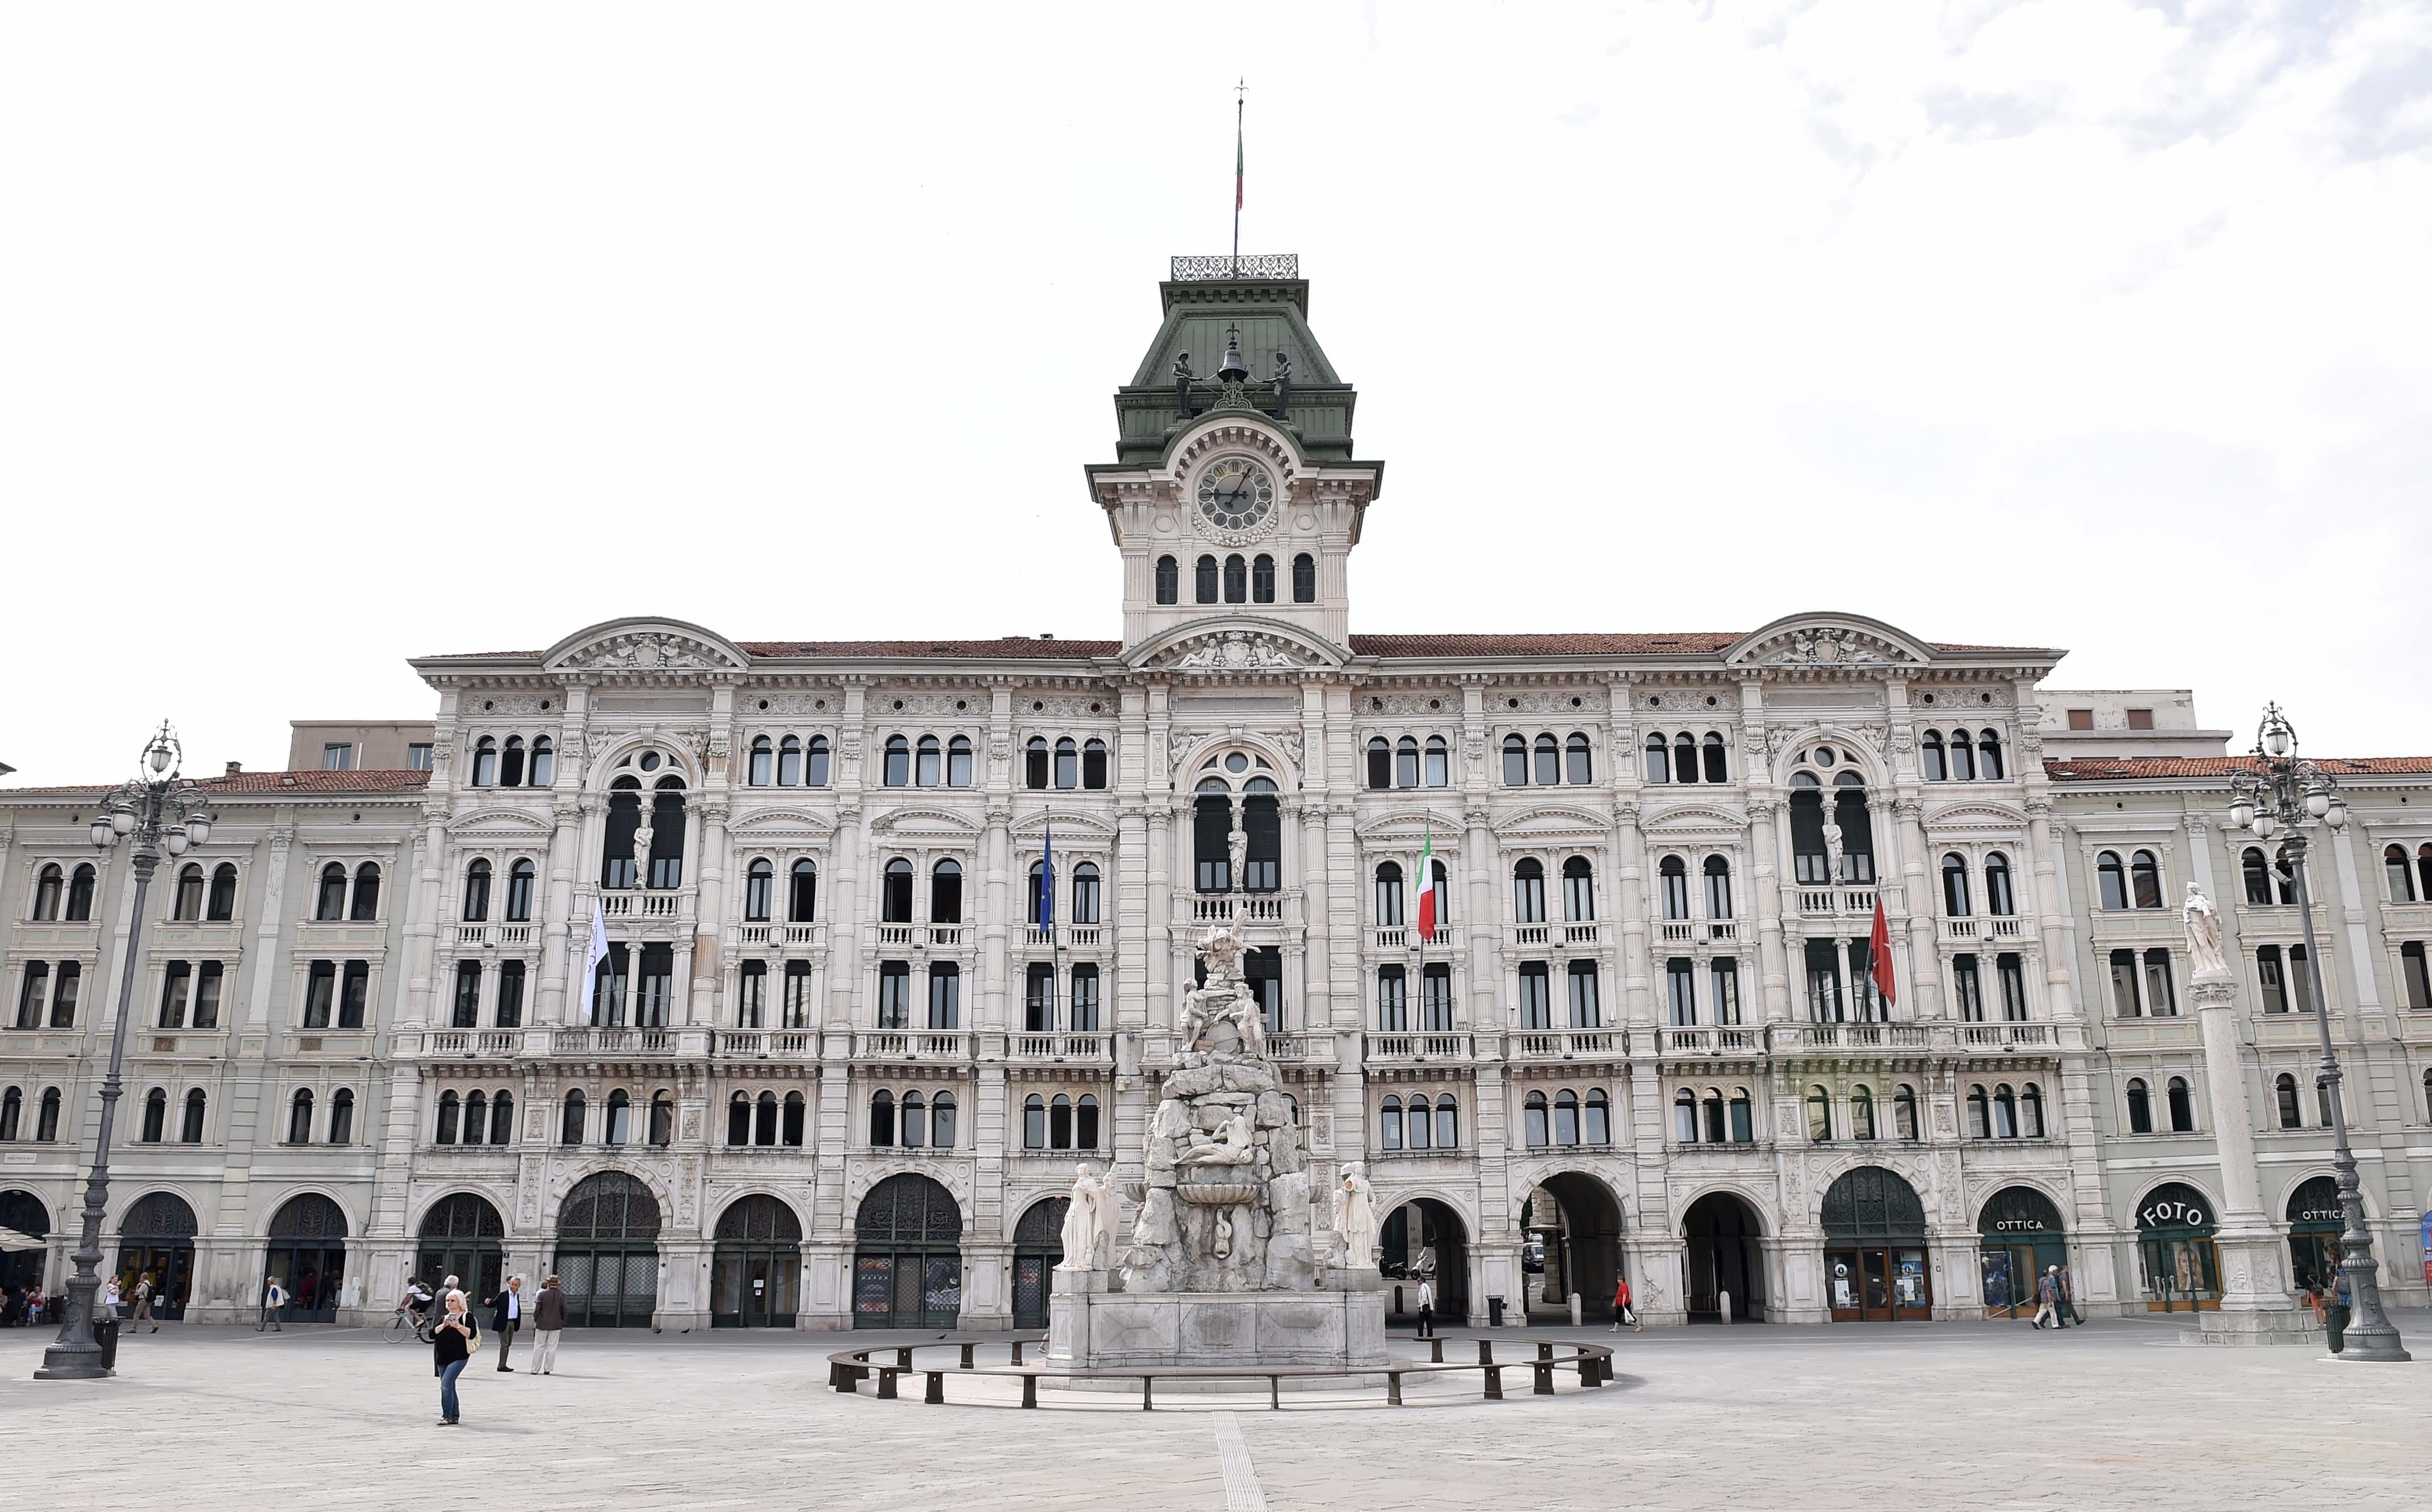 180612 0007 Trieste Giunta foto Simone Ferraro SFA_8322 copia